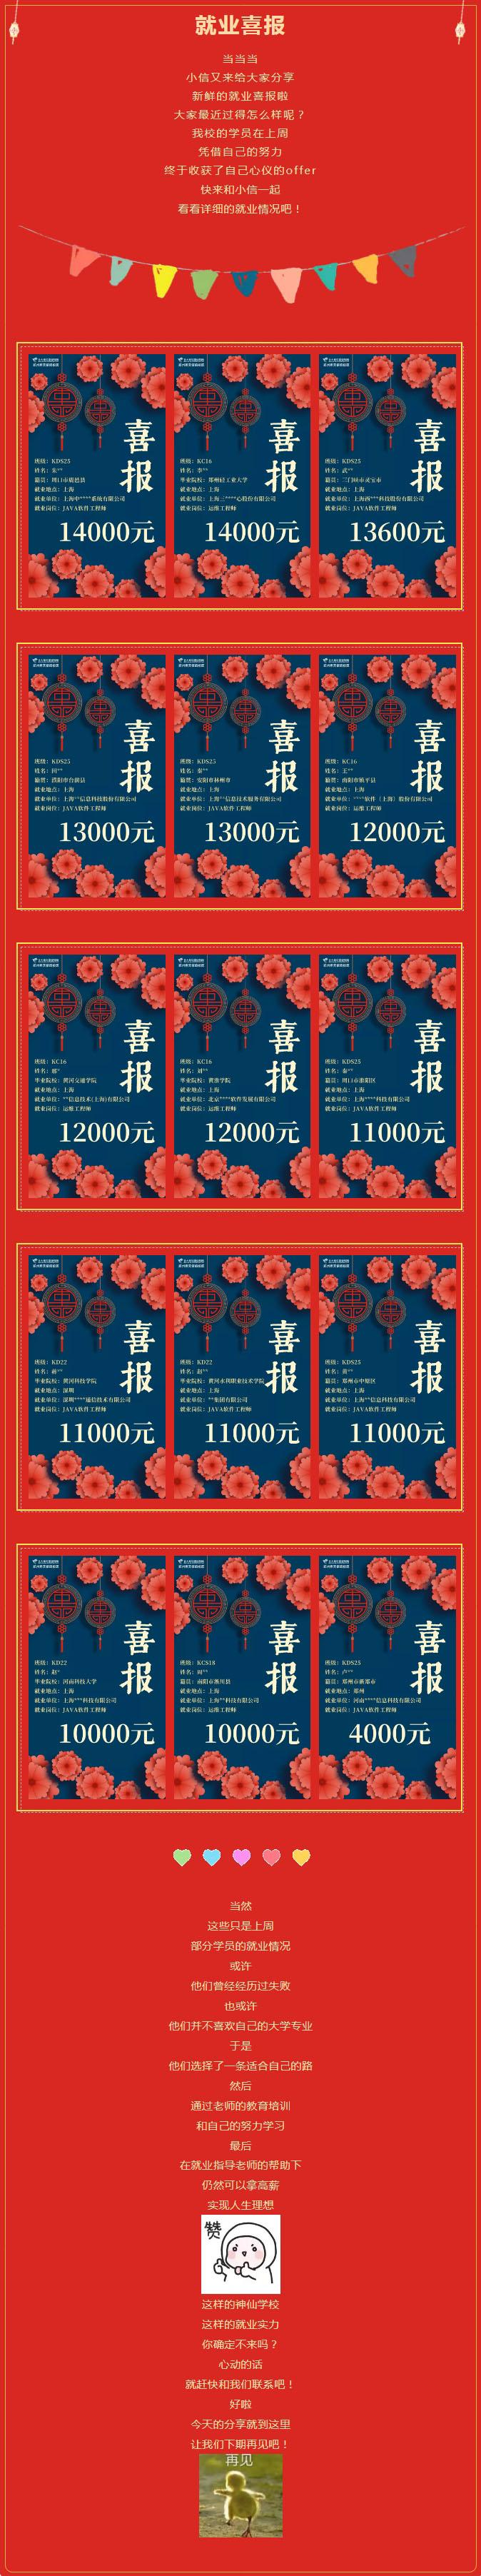 【就业喜报】最高月薪14K,14位月薪过万!.jpg